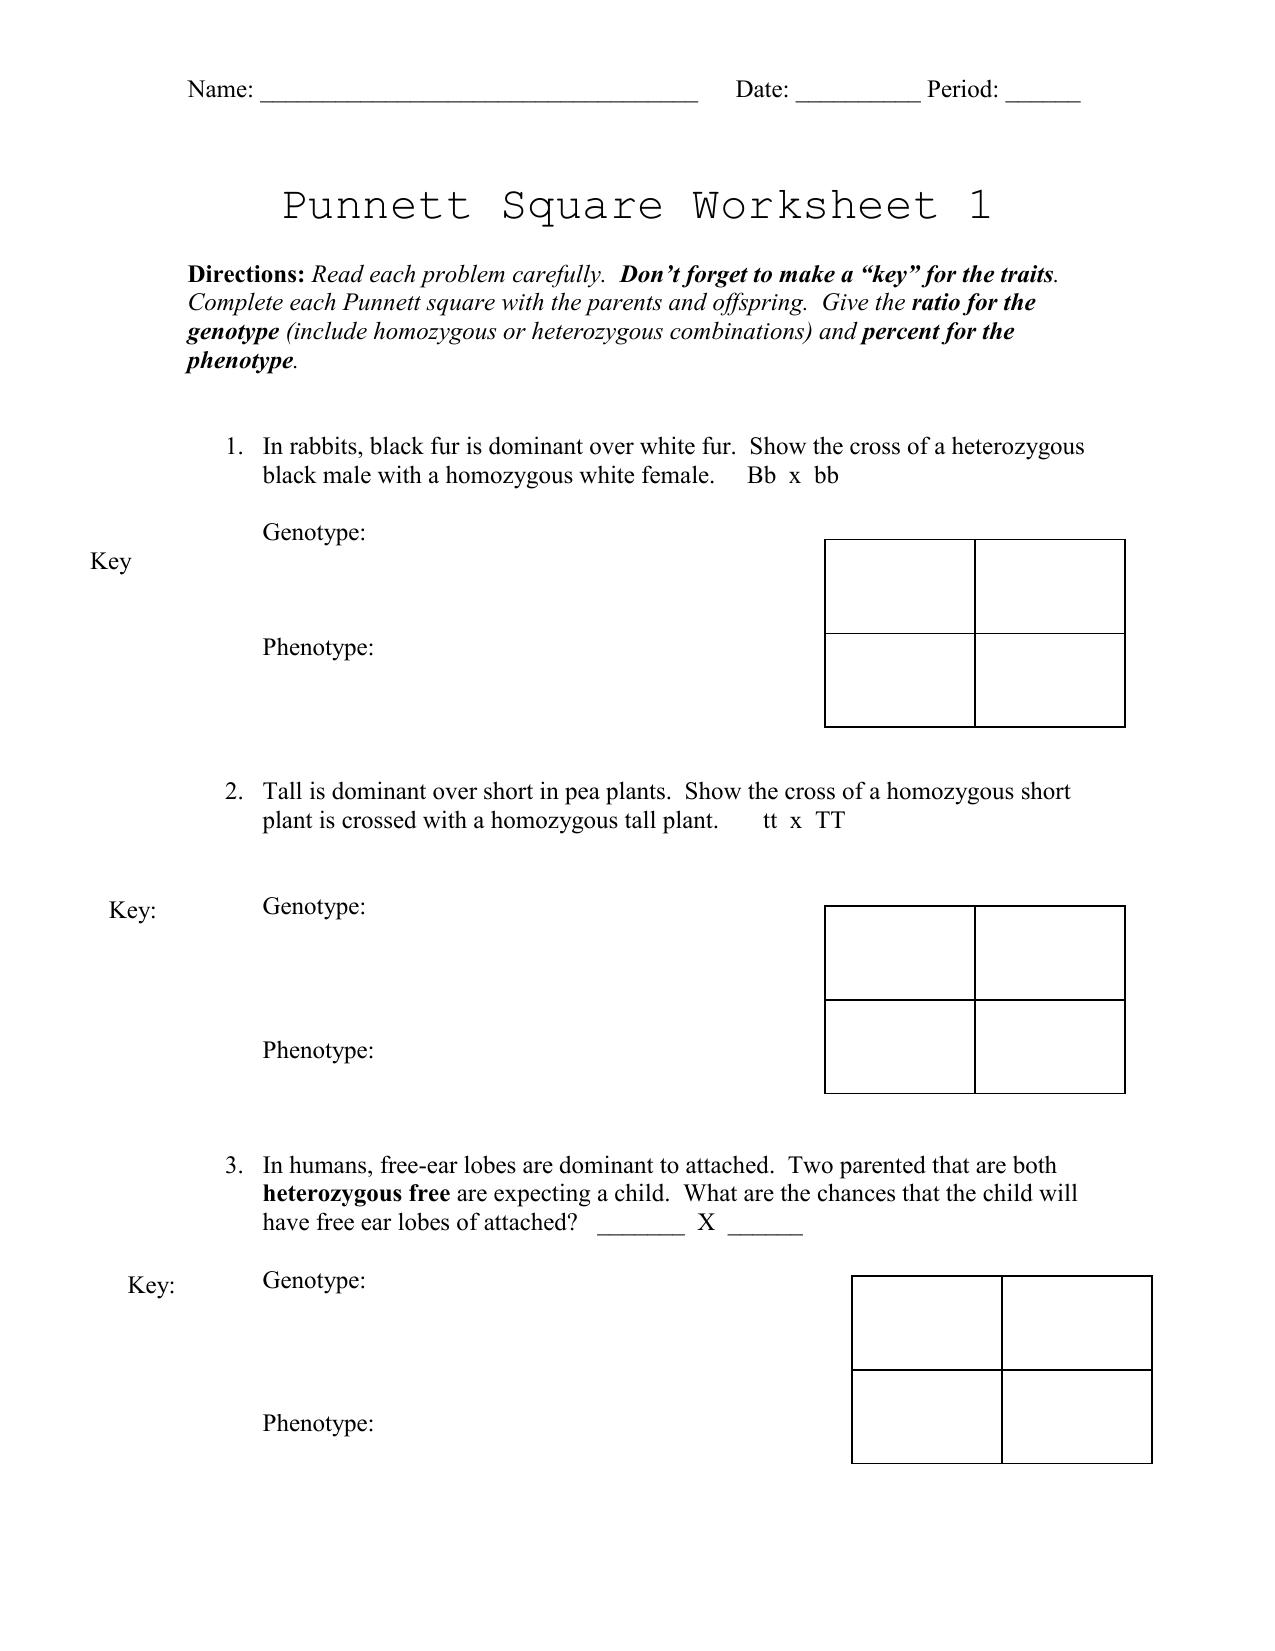 Punnett Square Worksheet 1 For Punnett Square Worksheet 1 Key